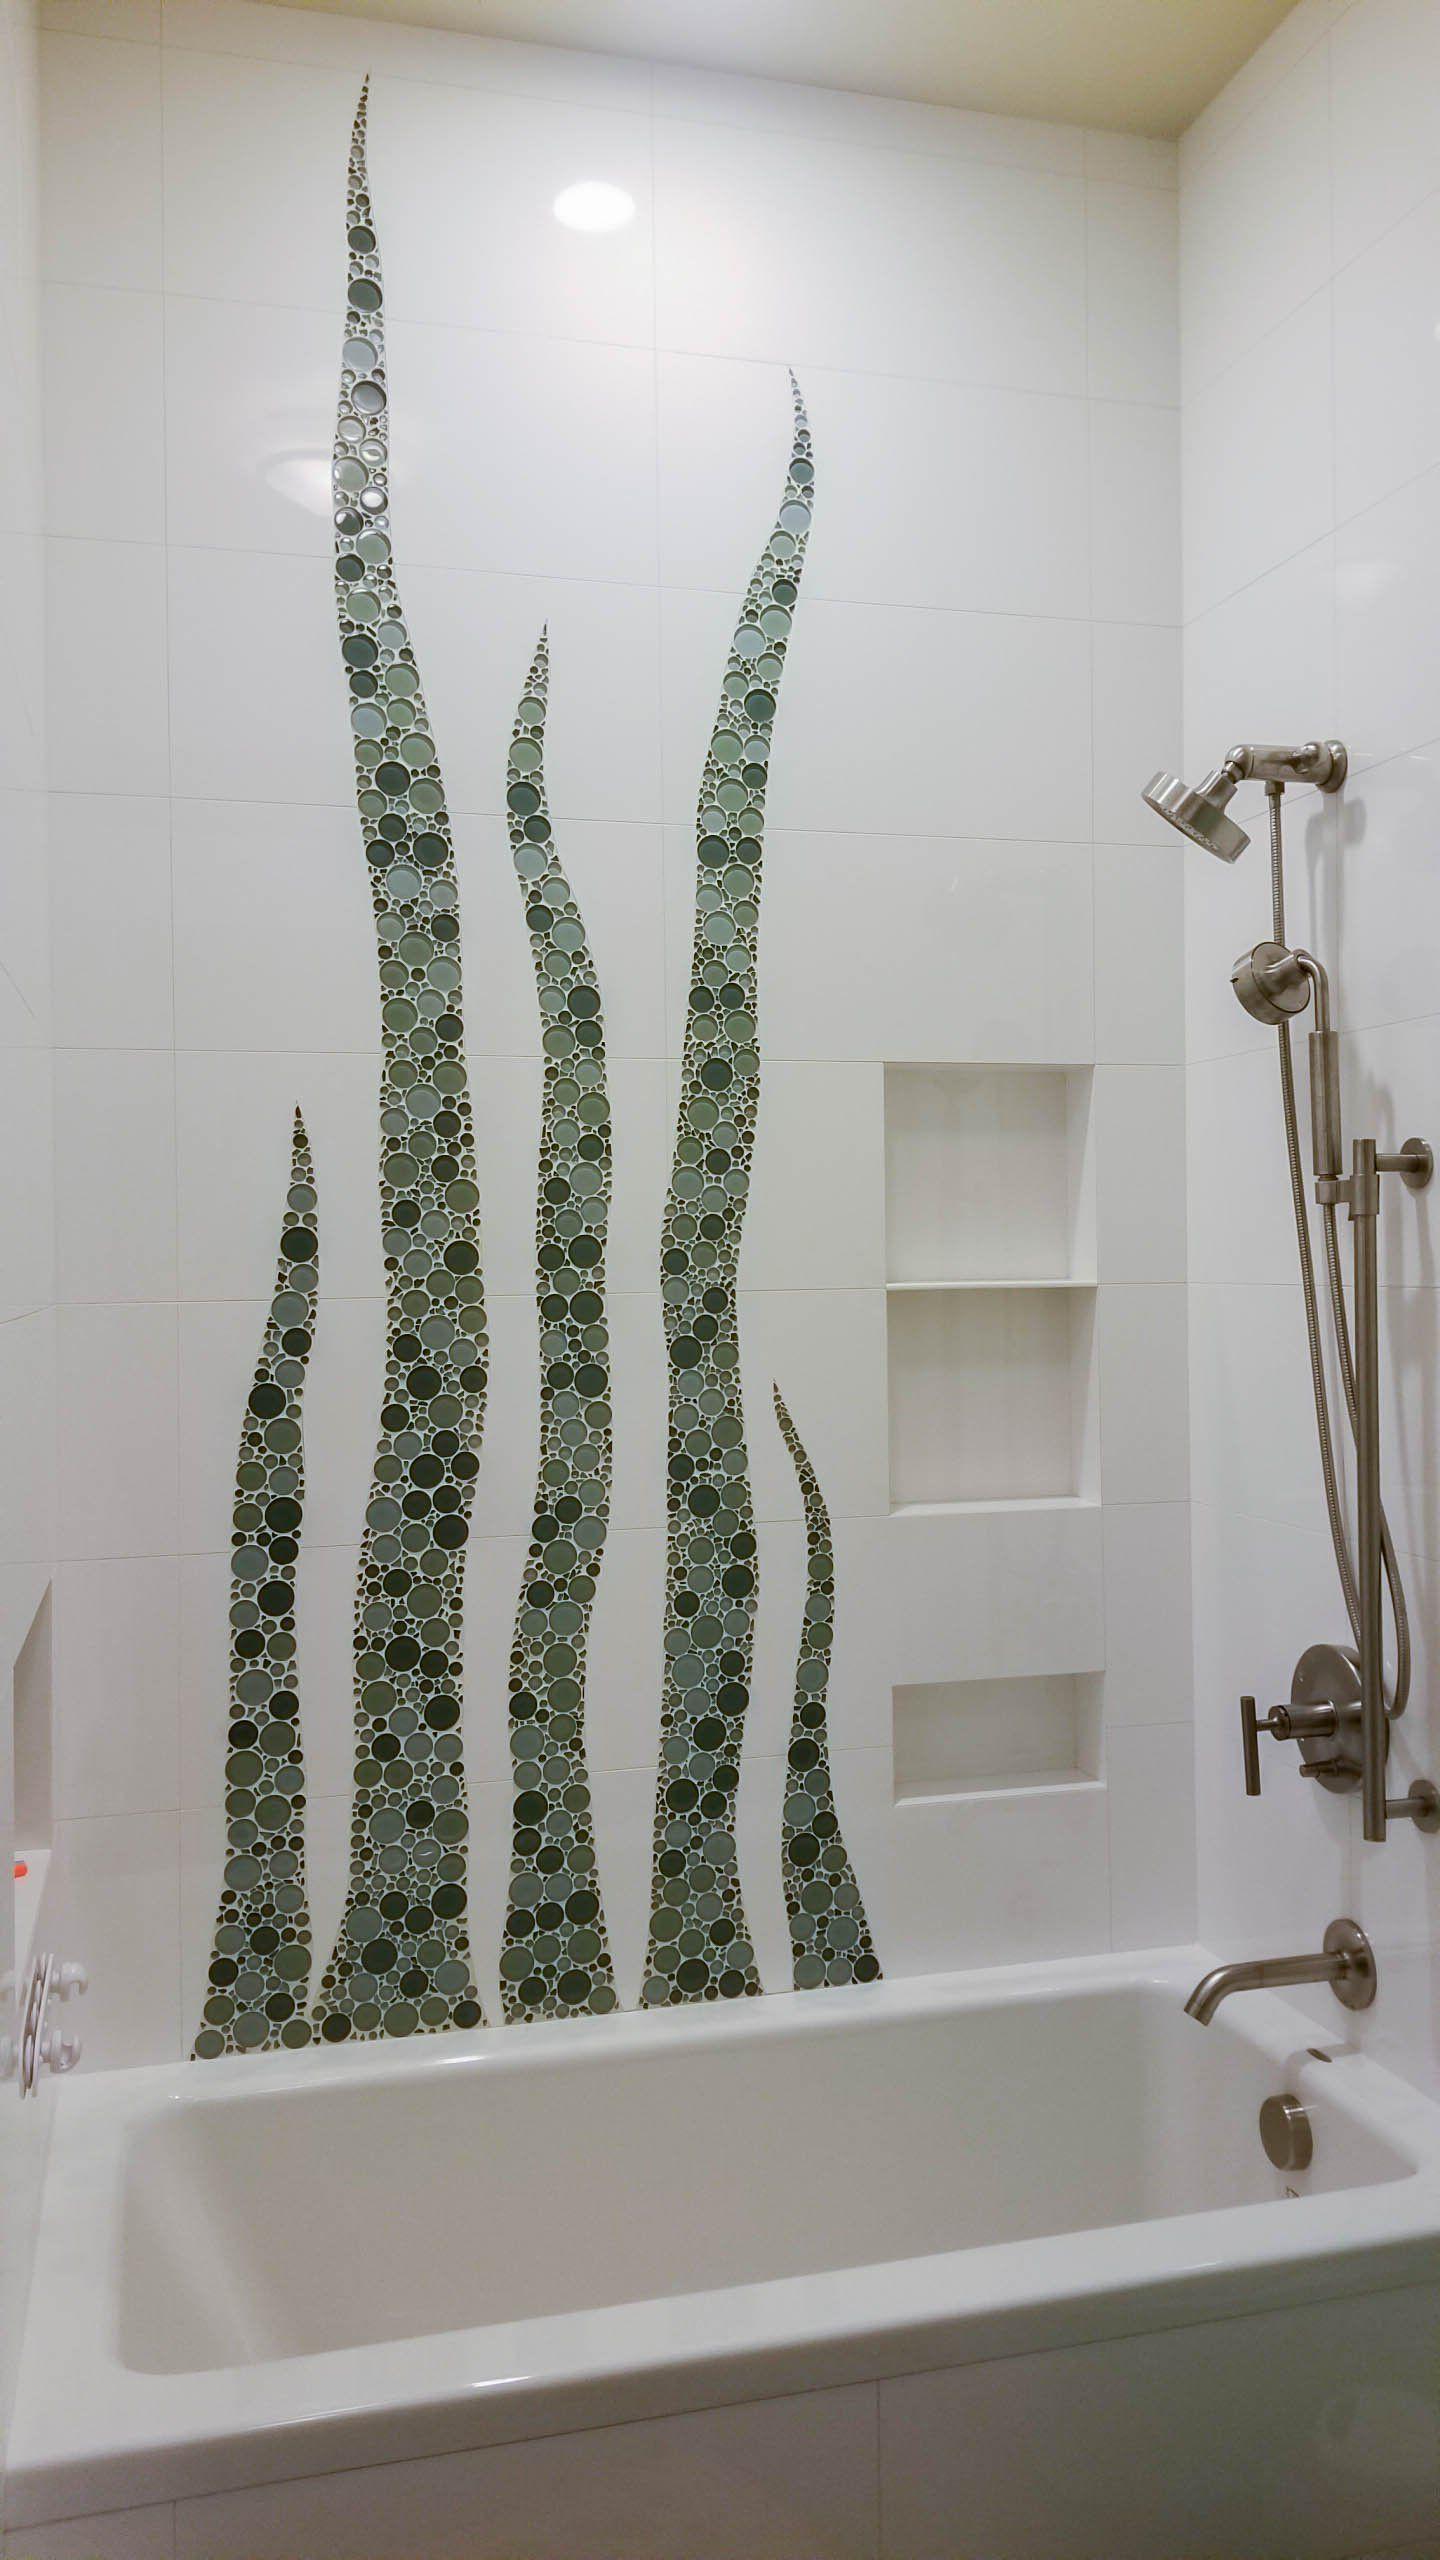 4 x 12 Shower Nano Pure White Shower Niche Shelf